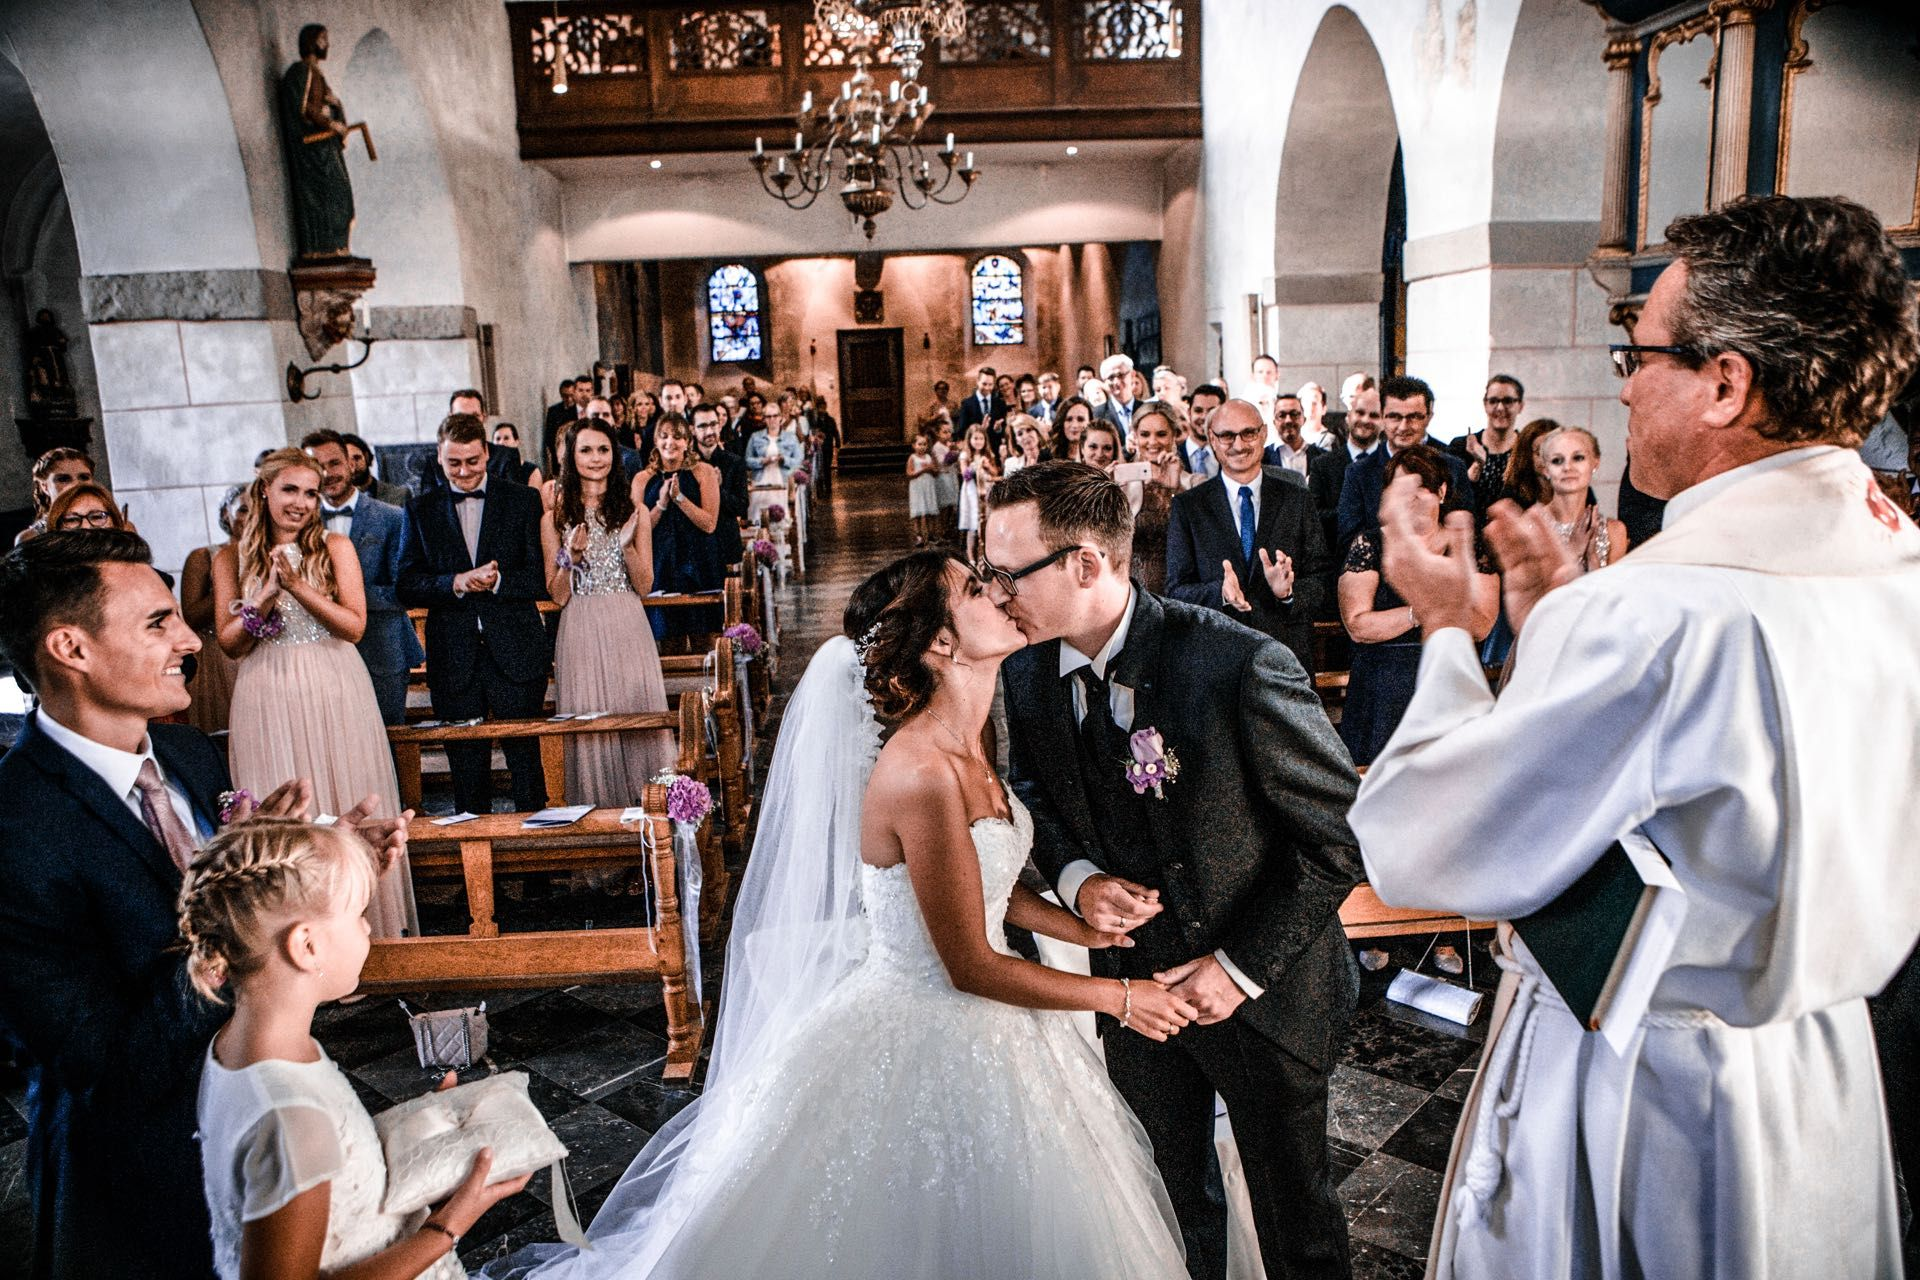 Die Kirchliche Trauung Alles Rund Um Den Ablauf Und Die Planung Eurer Zeremonie Kleiner Flieder Kirchliche Trauung Kirchliche Hochzeit Hochzeit Willkommensschilder